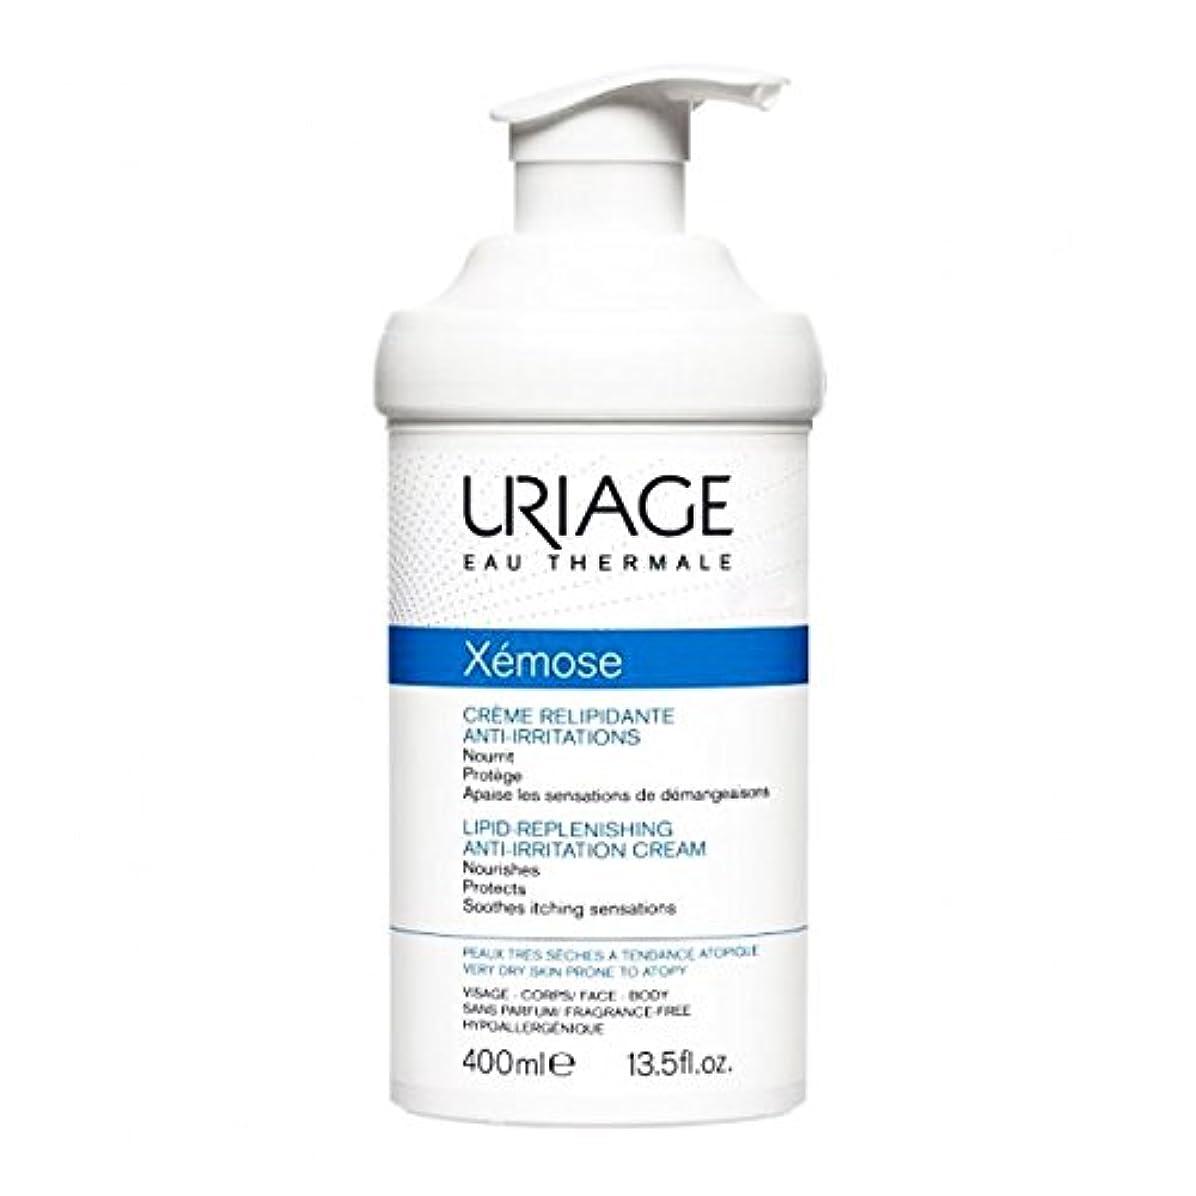 ビジタープログレッシブ必要ないUriage X駑ose Universal Emollient Cream 400ml [並行輸入品]